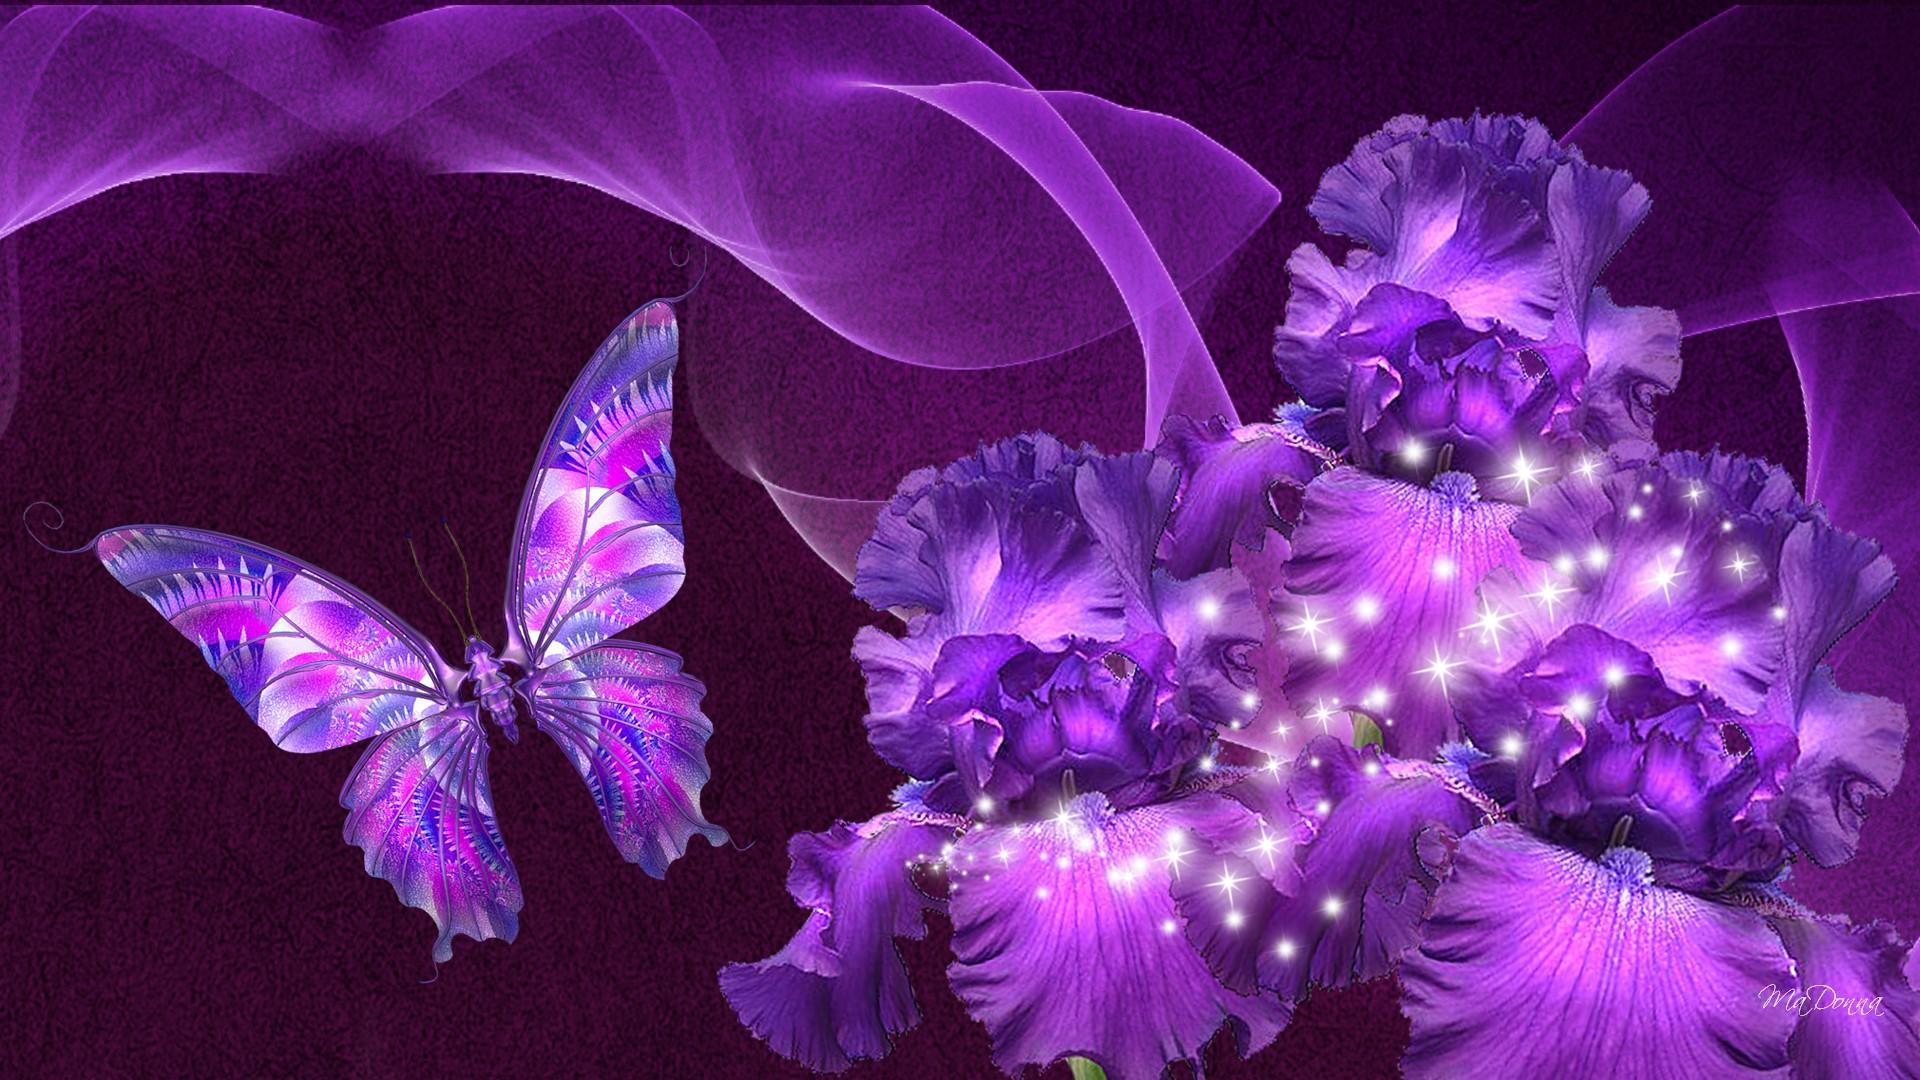 Purple Love Wallpaper: Purple Fantasy HD Wallpaper